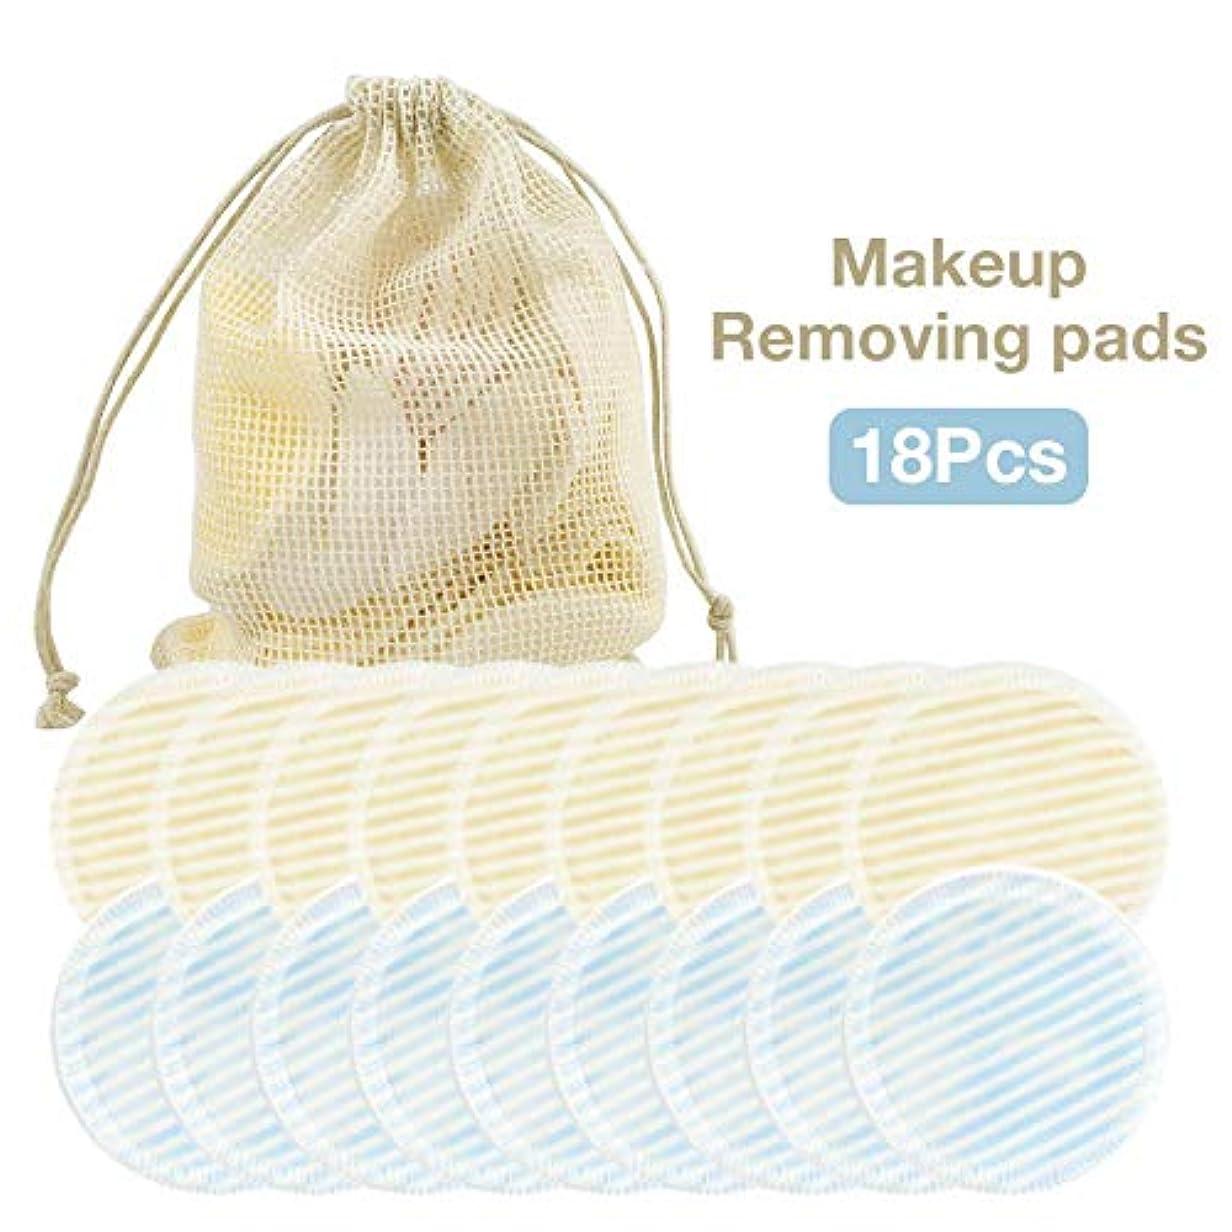 ショッキング取り消す名誉化粧パッド 化粧除去コットンパッド 繊維素材 柔らかい 持ち運びが容易 使いやすい バッグ付き 再利用可能 18個パッド